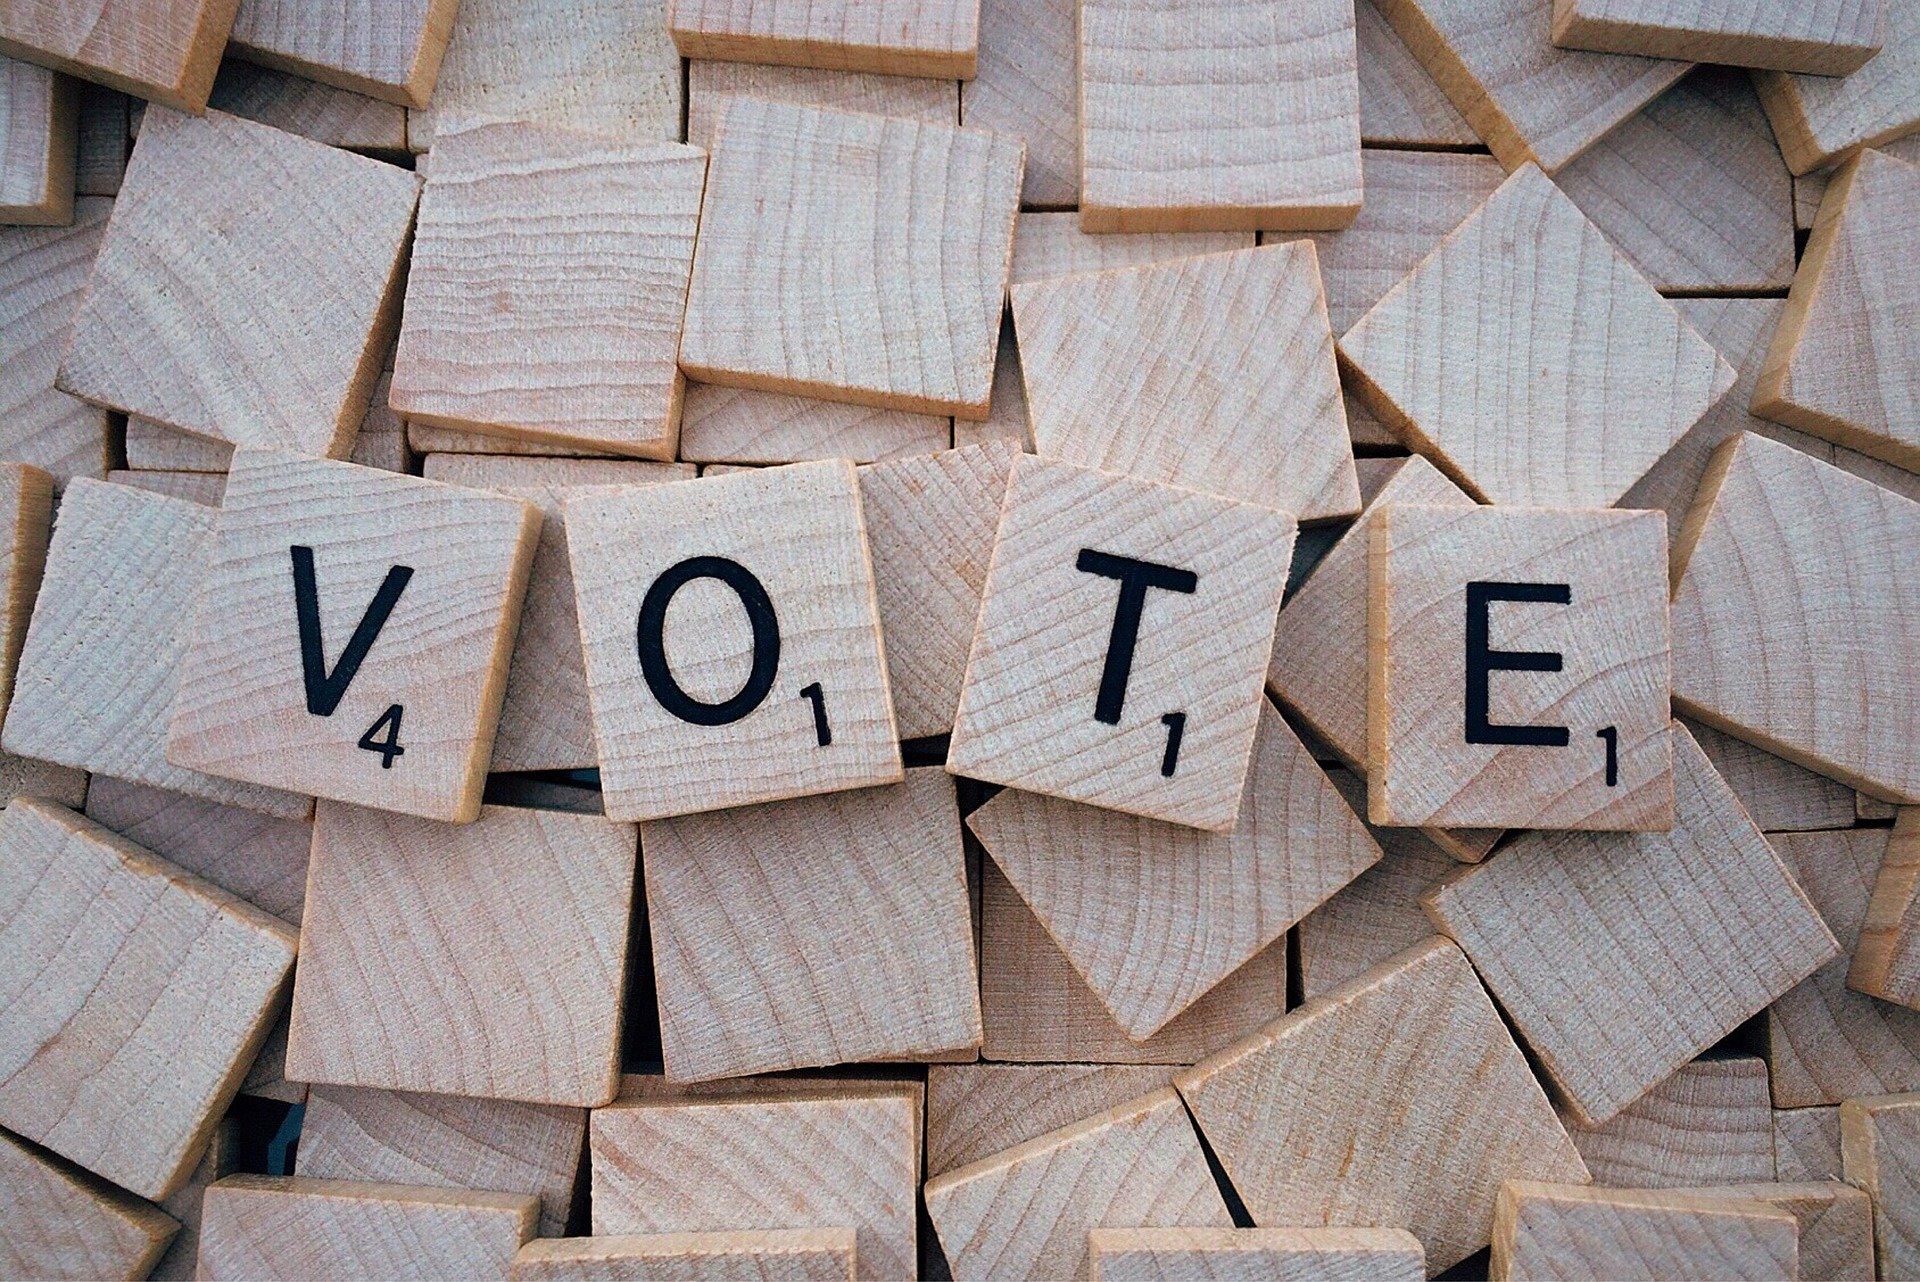 Ciudad Tsukuba en Japón desarrolla una solución de votación electrónica impulsada por tecnología blockchain